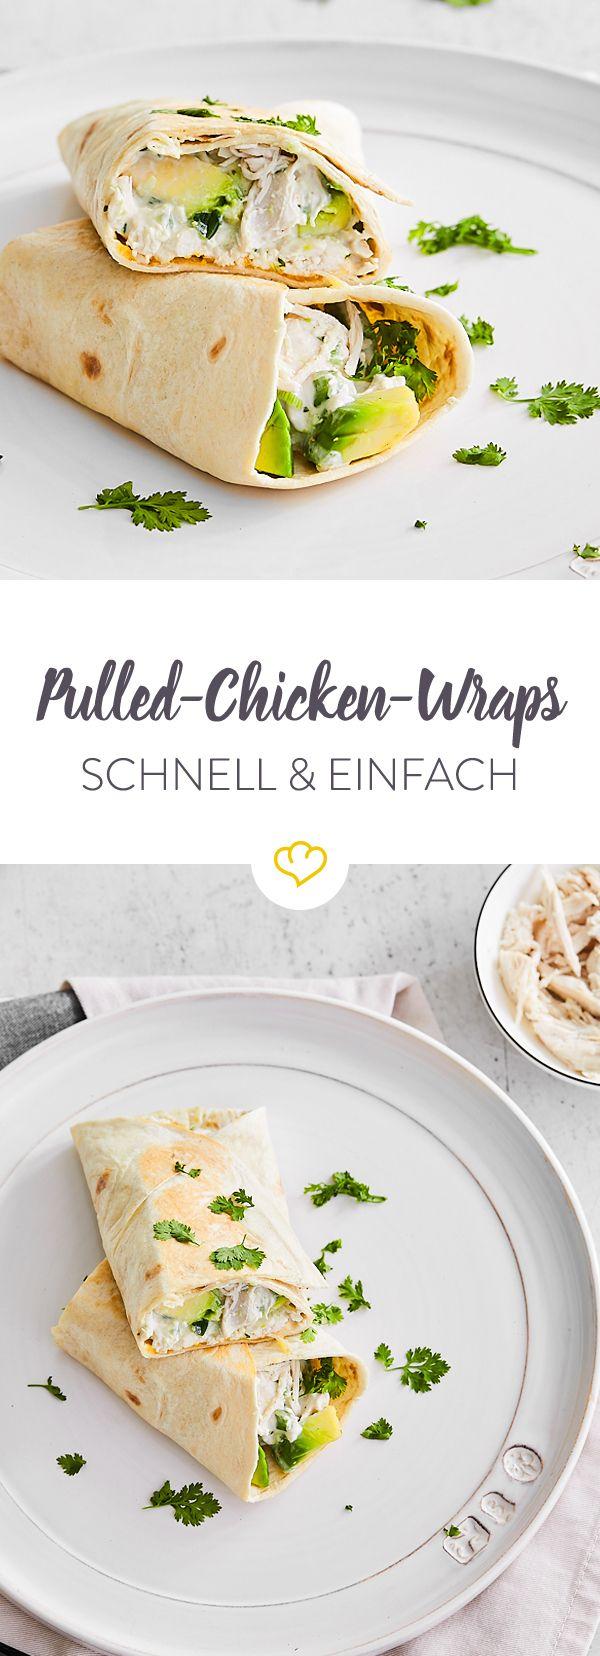 Schnelle Feierabend-Wraps mit Pulled Chicken und Avocado